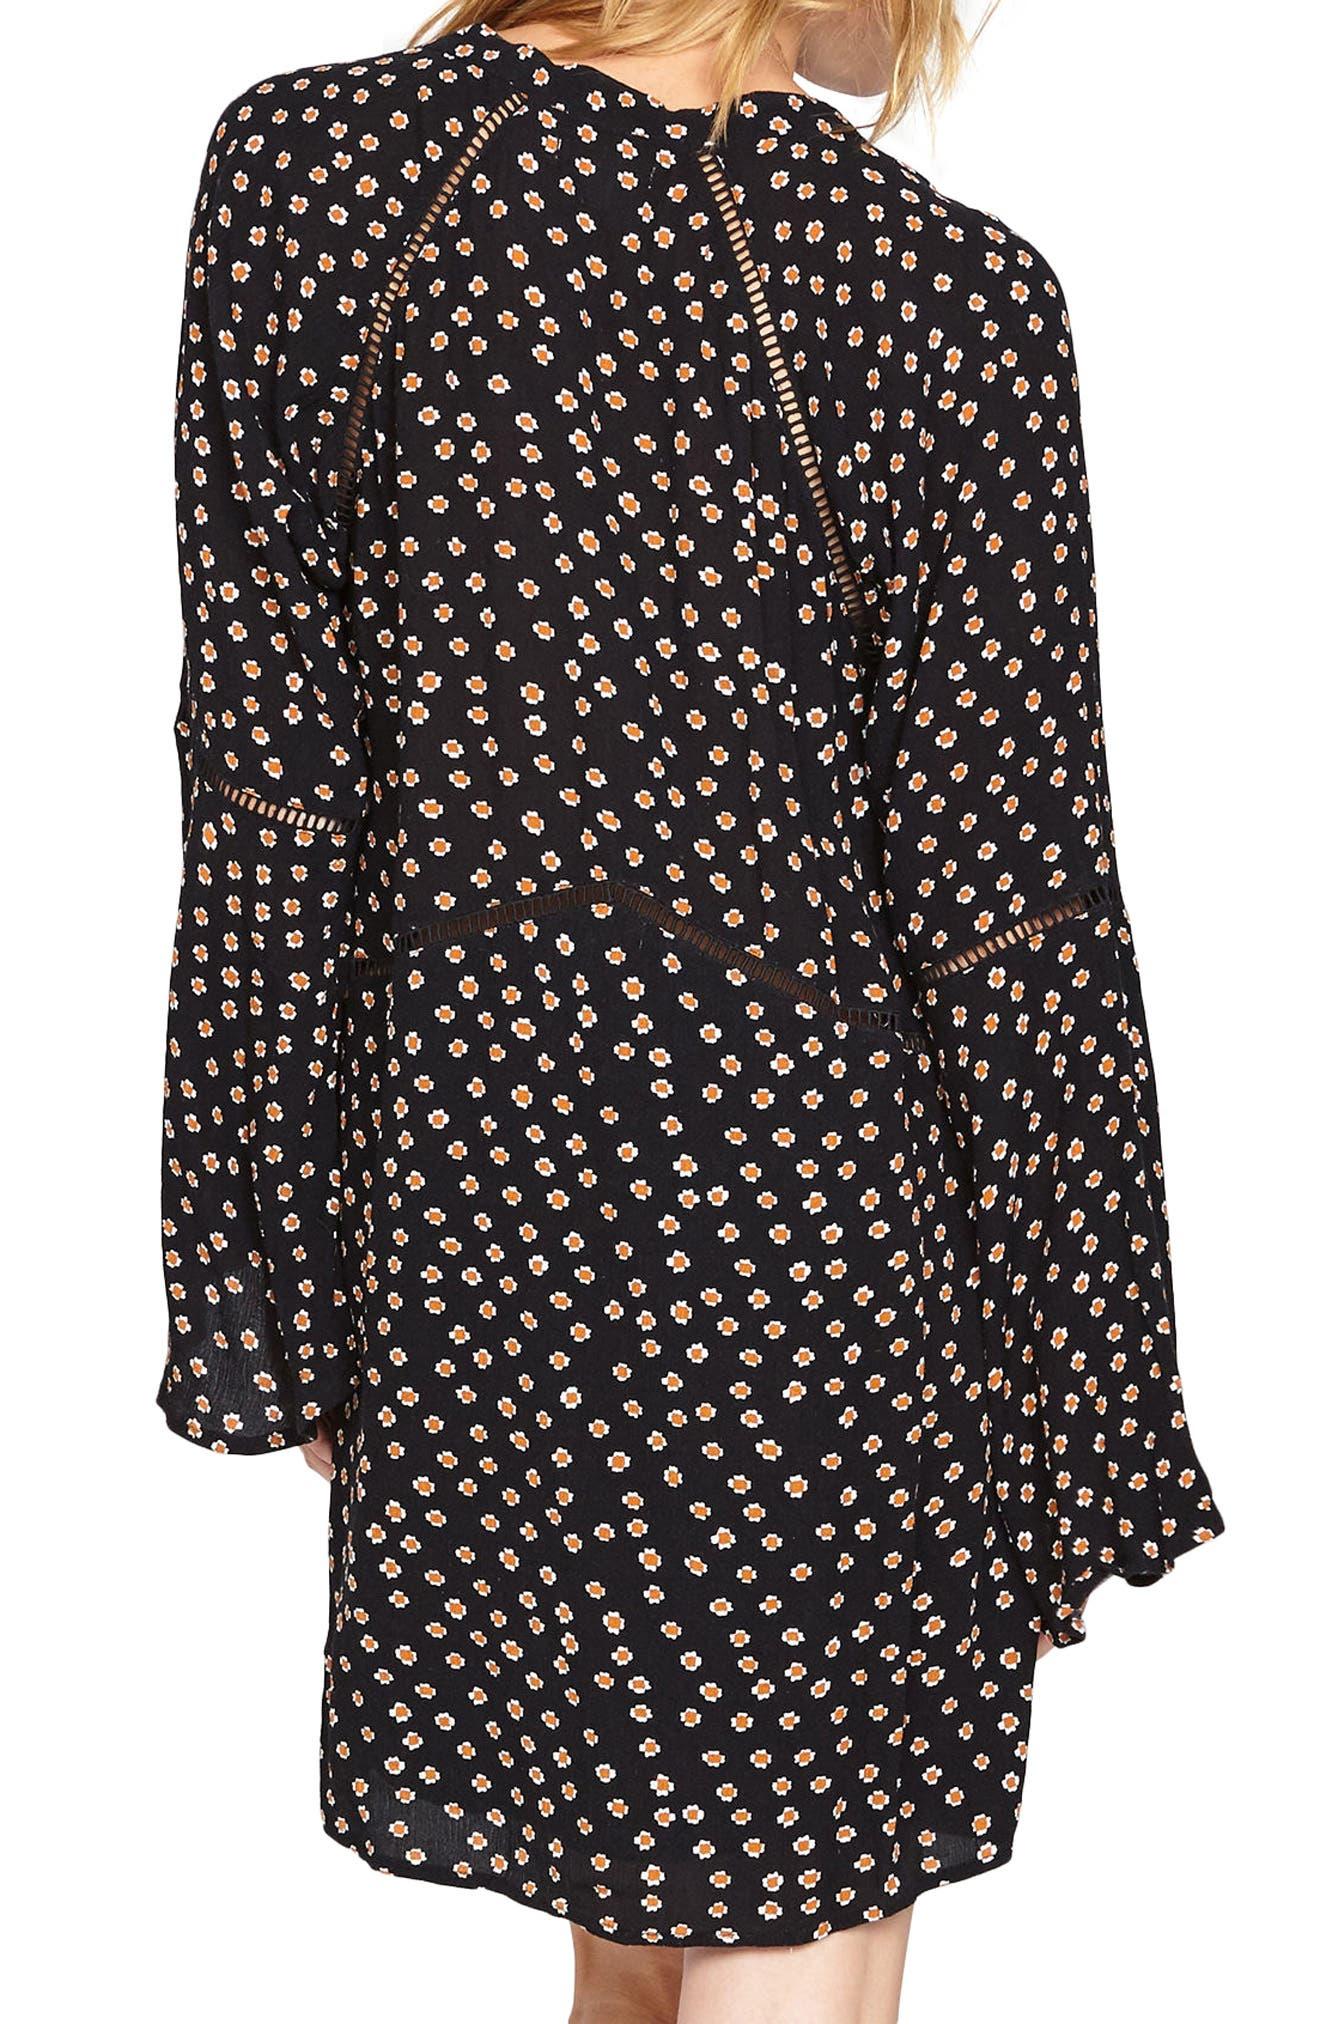 Lovestruck Empire Waist Dress,                             Alternate thumbnail 2, color,                             001